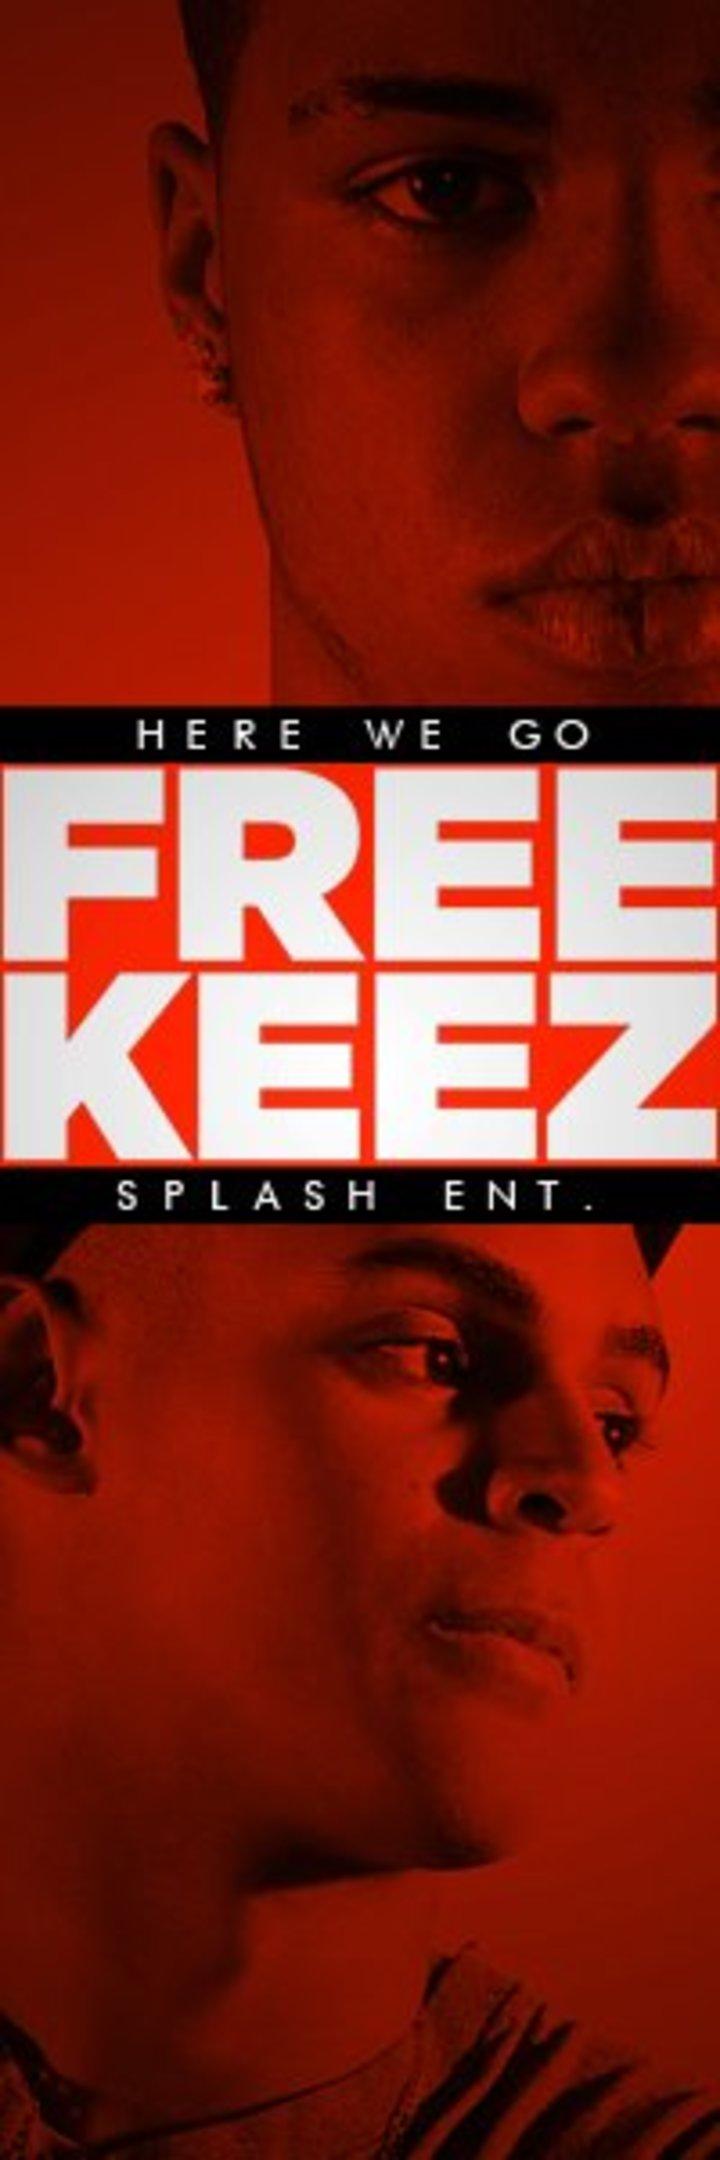 FREEKEEZ Tour Dates